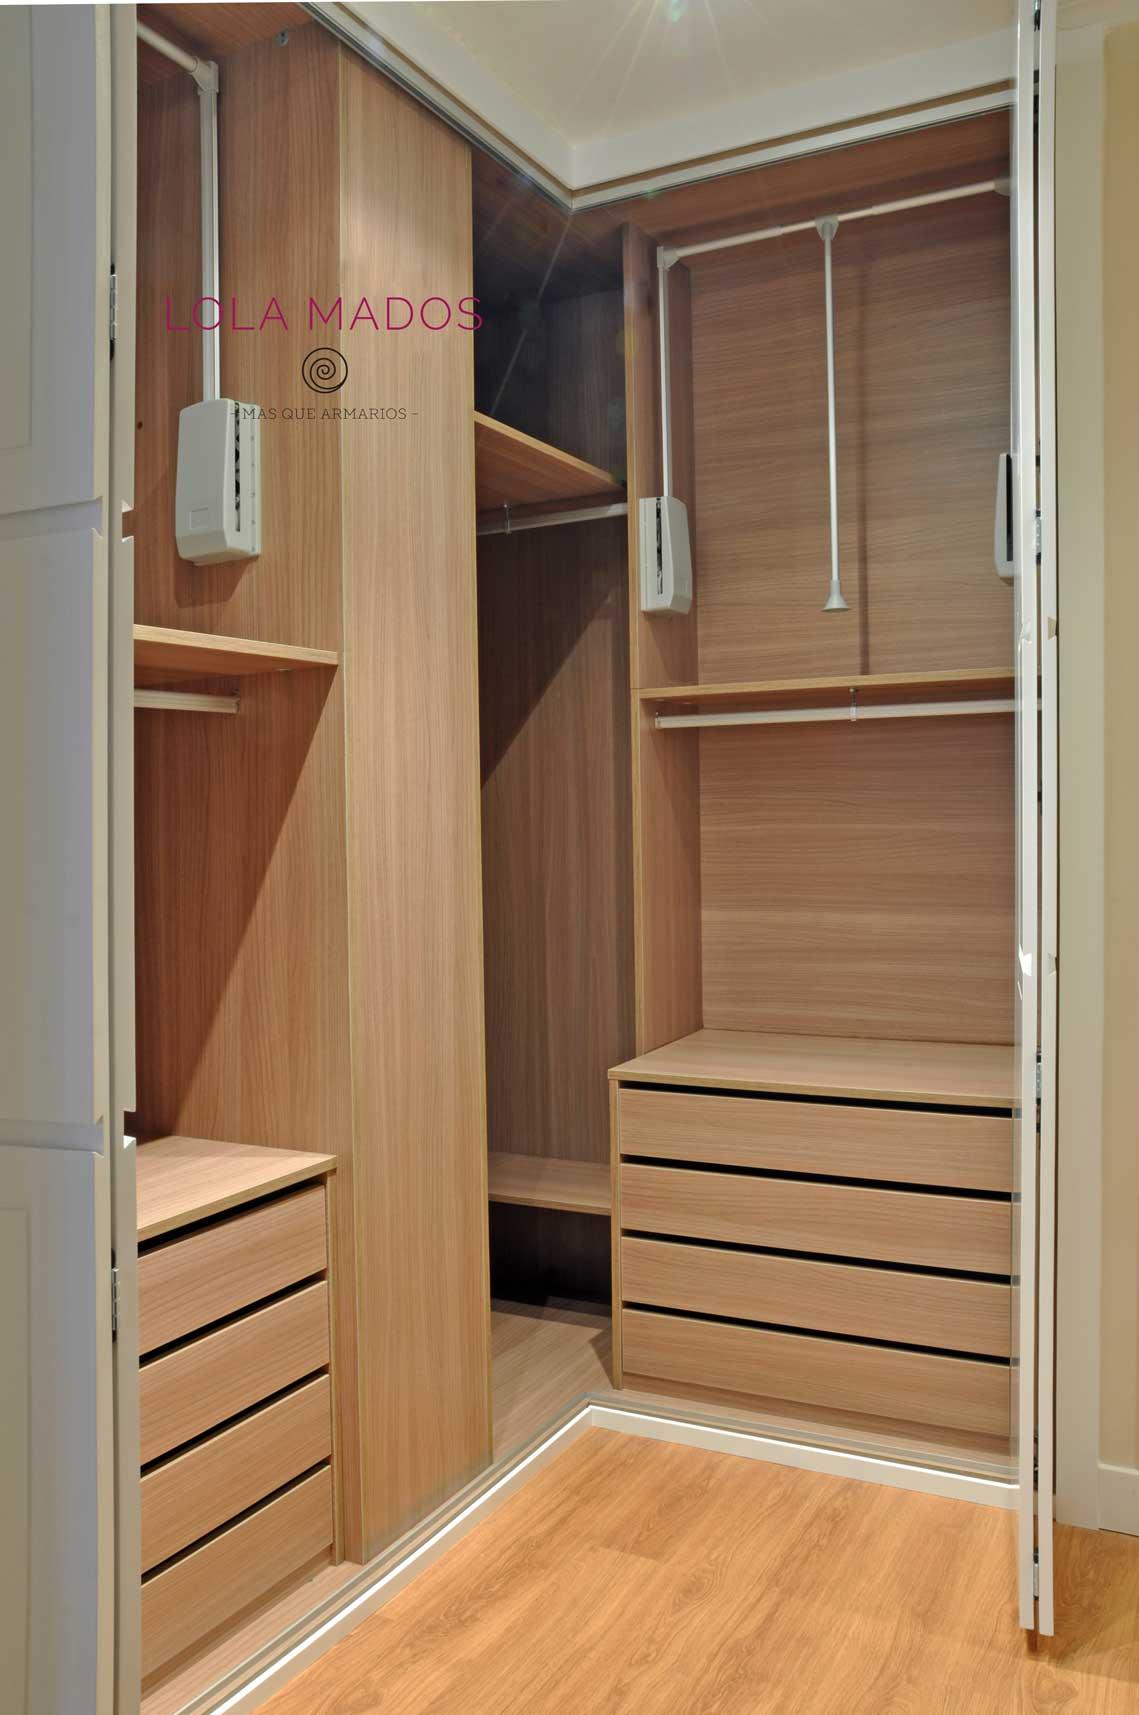 Hacer interior de armarios empotrados a medida blancos - Armarios empotrados en esquina ...